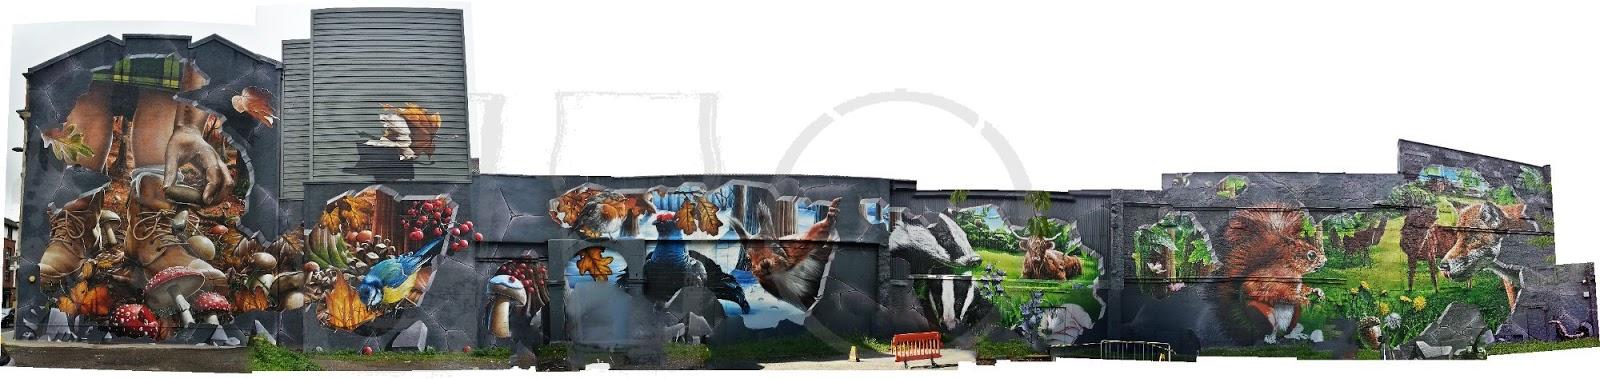 Ingram St Mural, Glasgow